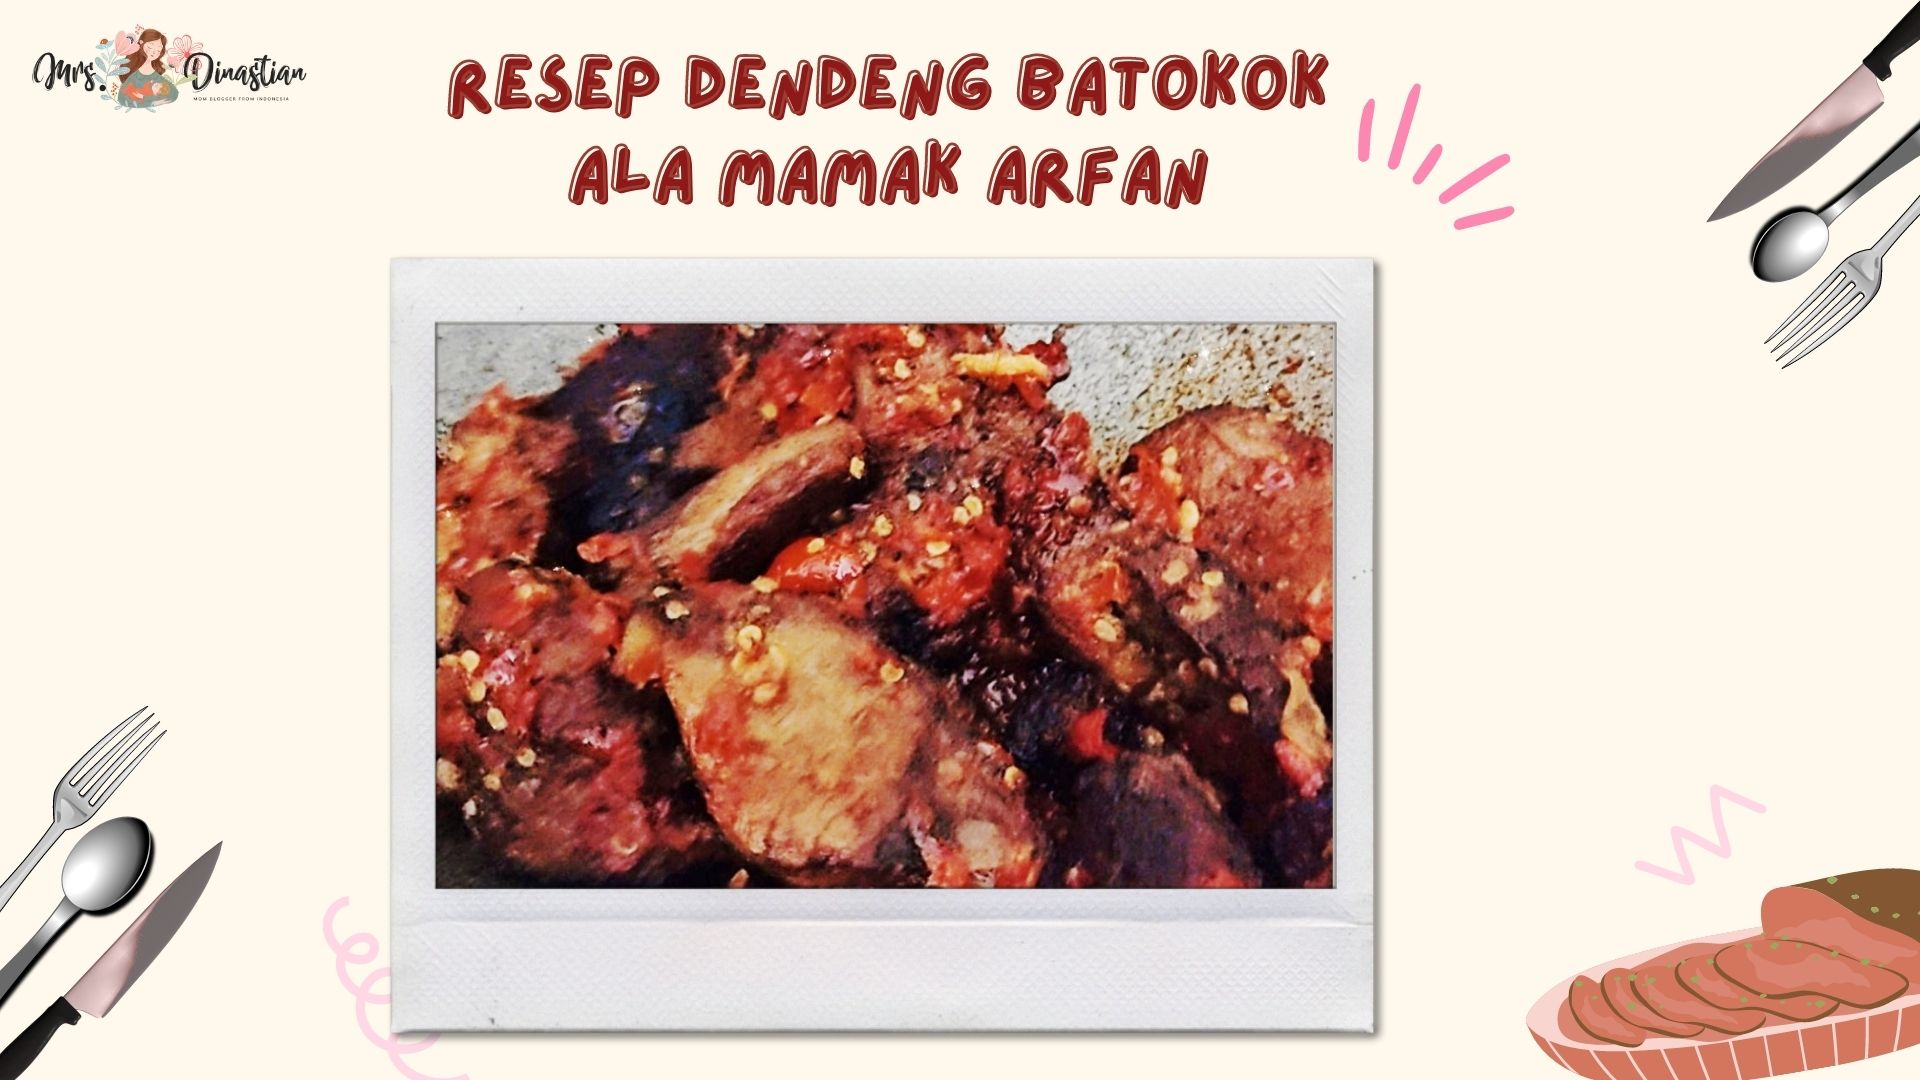 Resep Dendeng Batokok